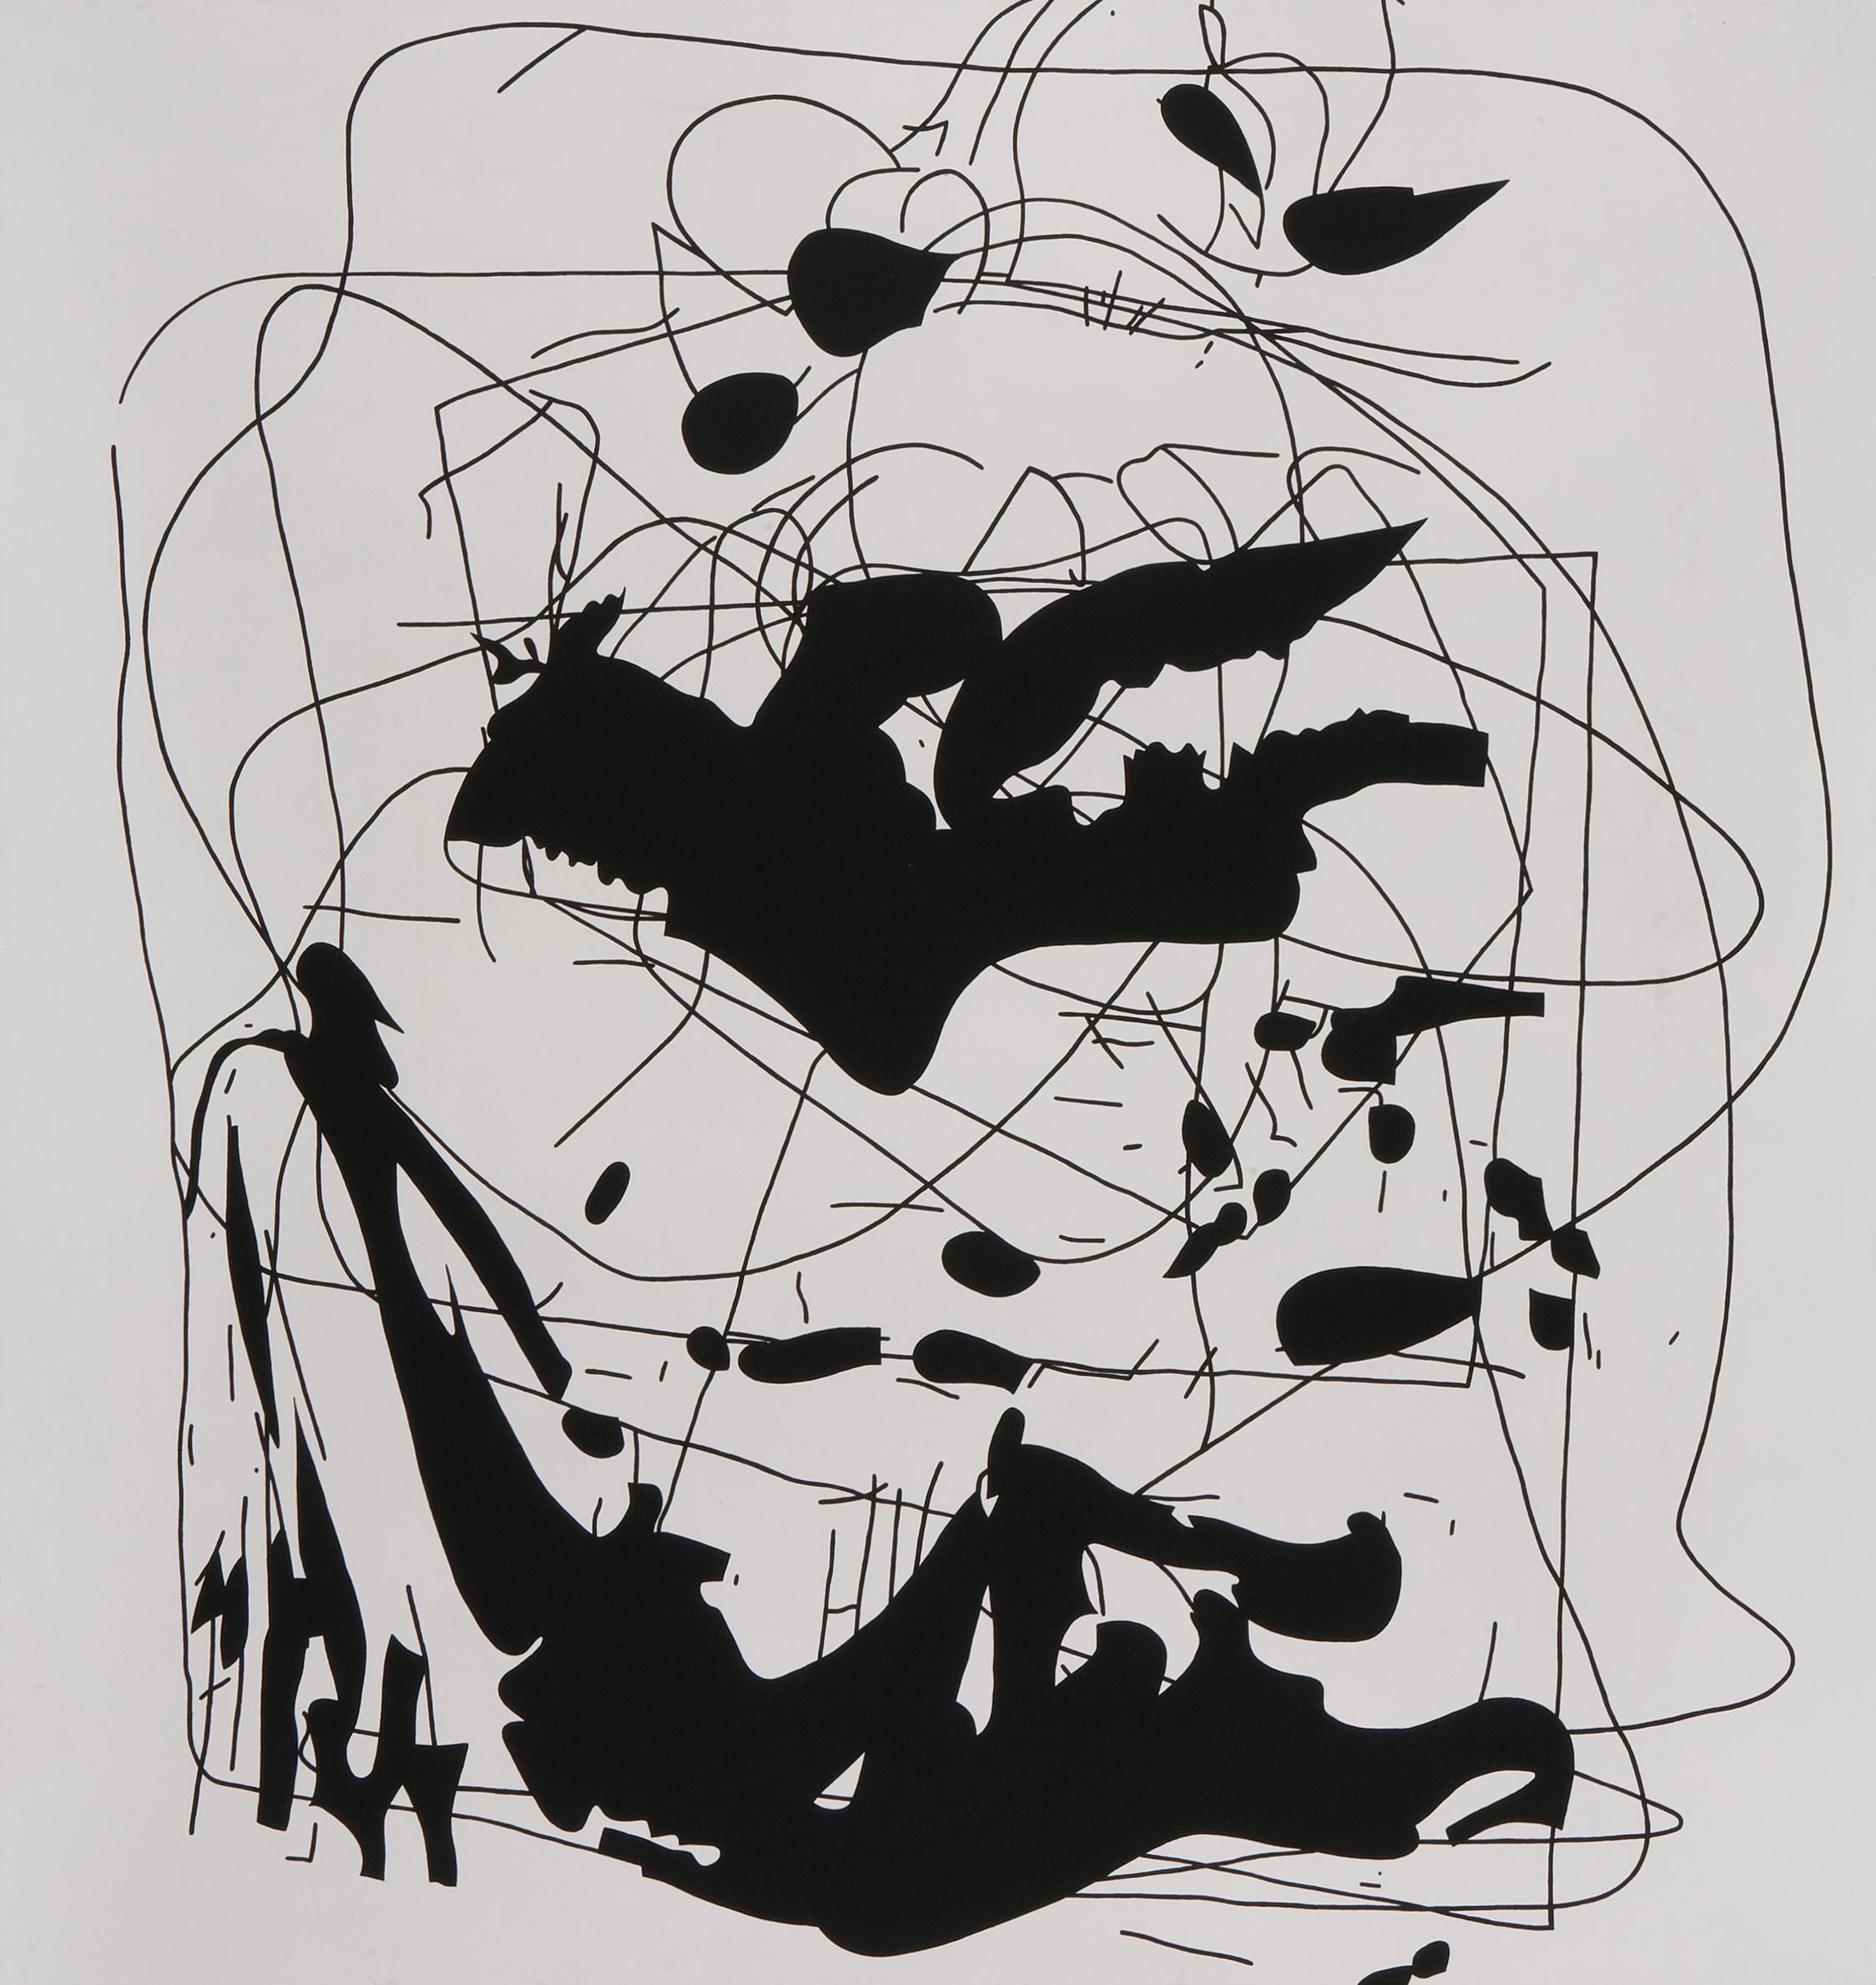 Set III. /Youwee/, 2006, acrylic on canvas, 200 x 200 cm